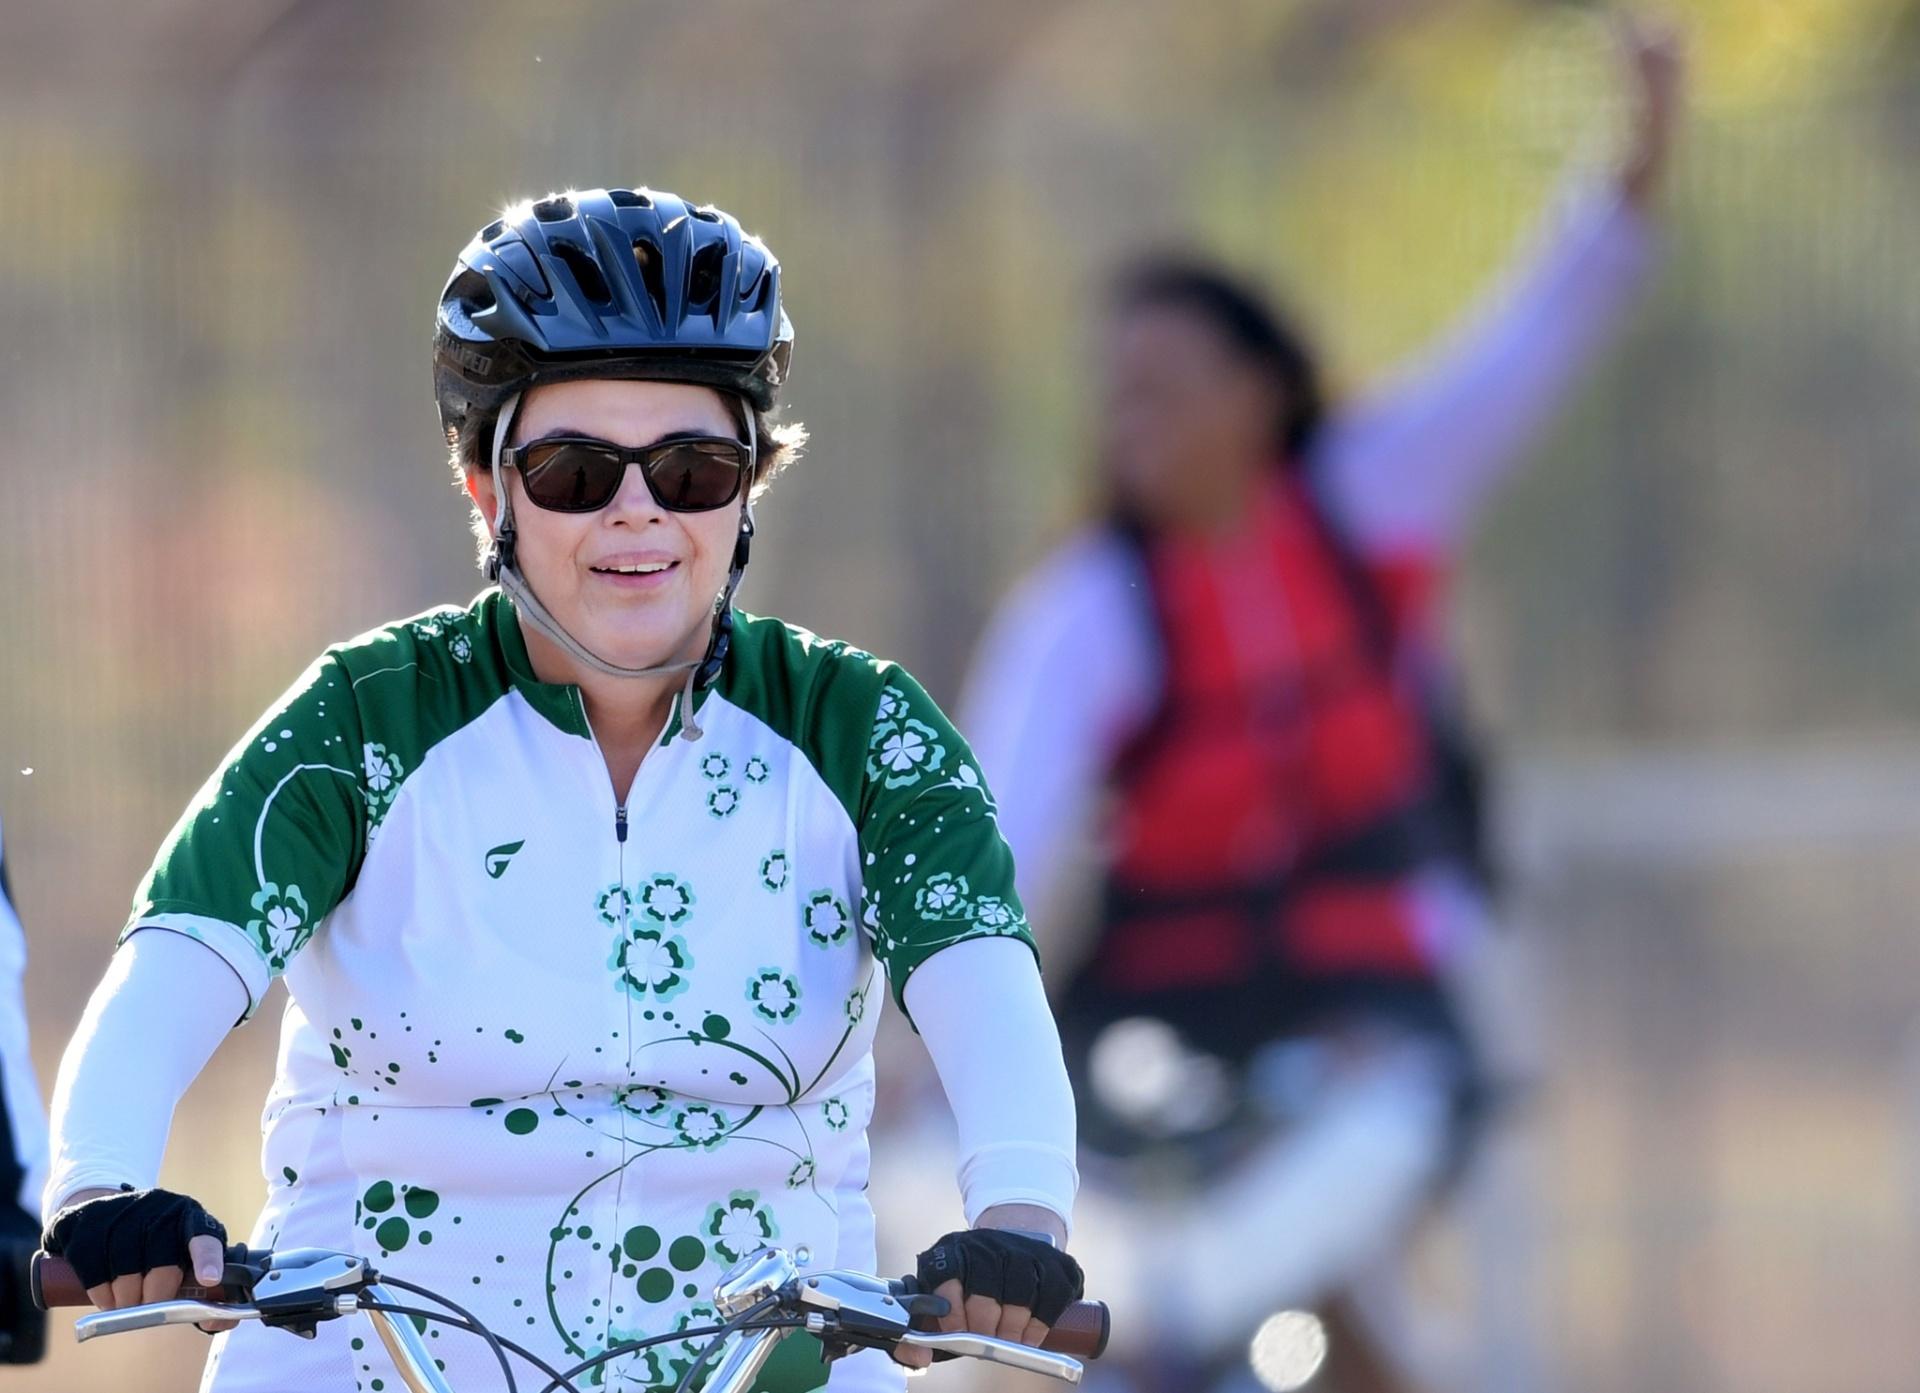 28.ago.2016 - A presidente afastada, Dilma Rousseff, anda de bicicleta nos arredores do Palácio do Alvorada, em Brasília, na véspera de seu depoimento no Senado que julga o impeachment de seu mandato